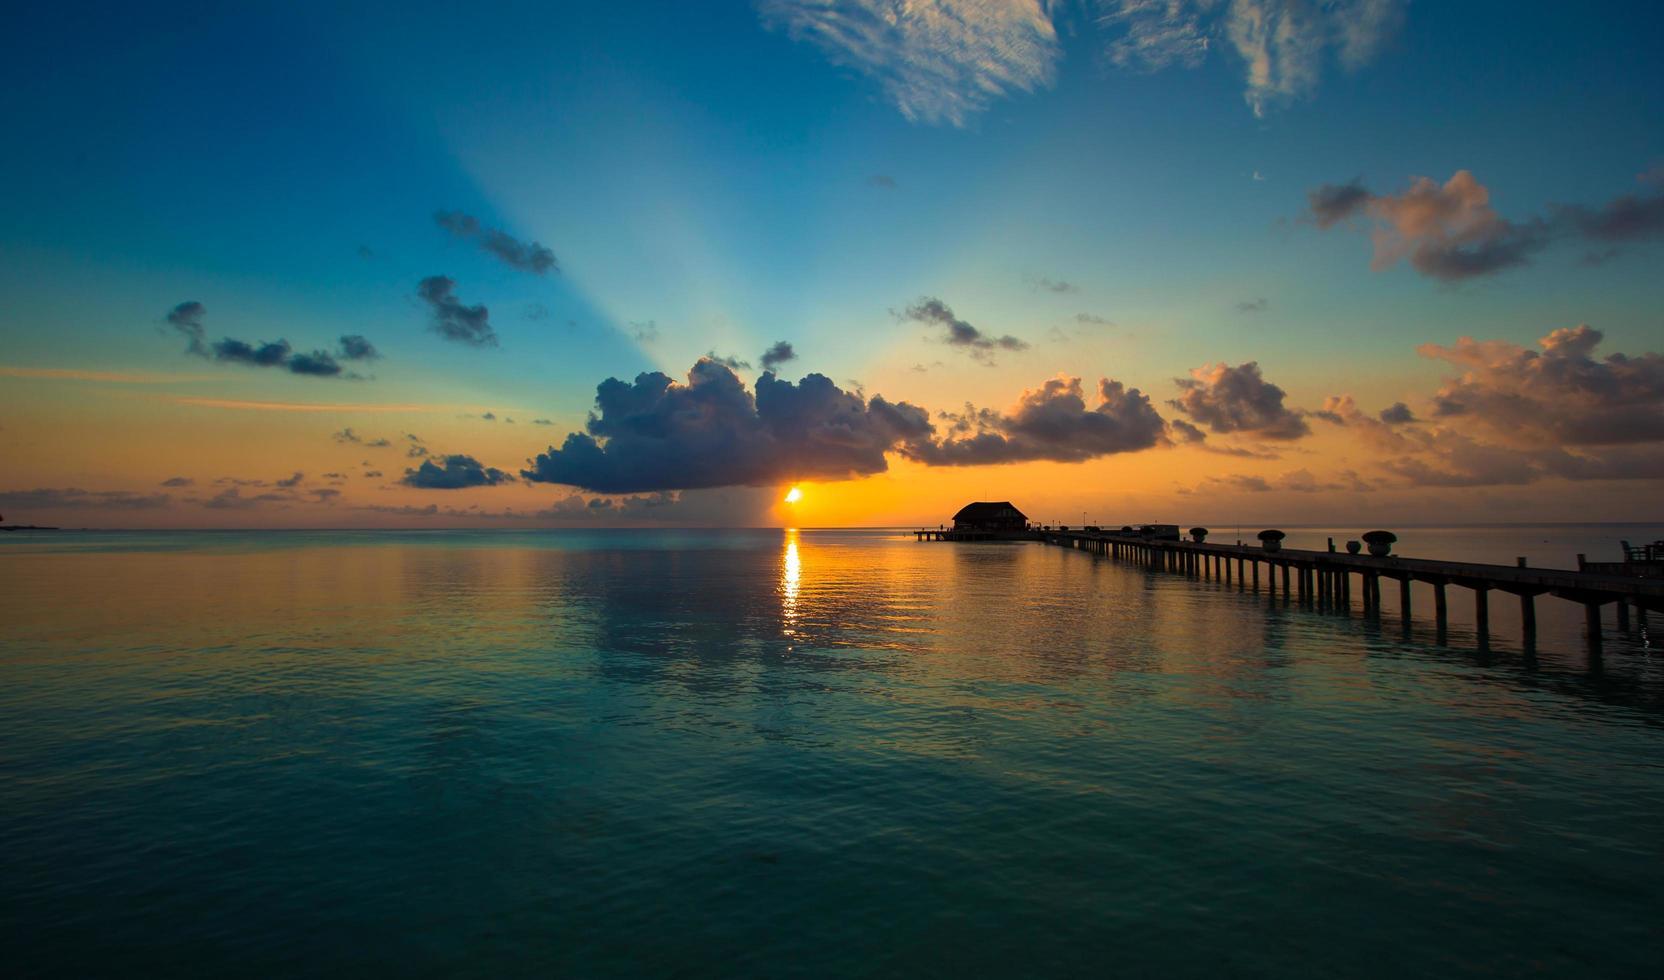 Maldivas, Asia del Sur, 2020 - Colorido atardecer en una isla tropical foto